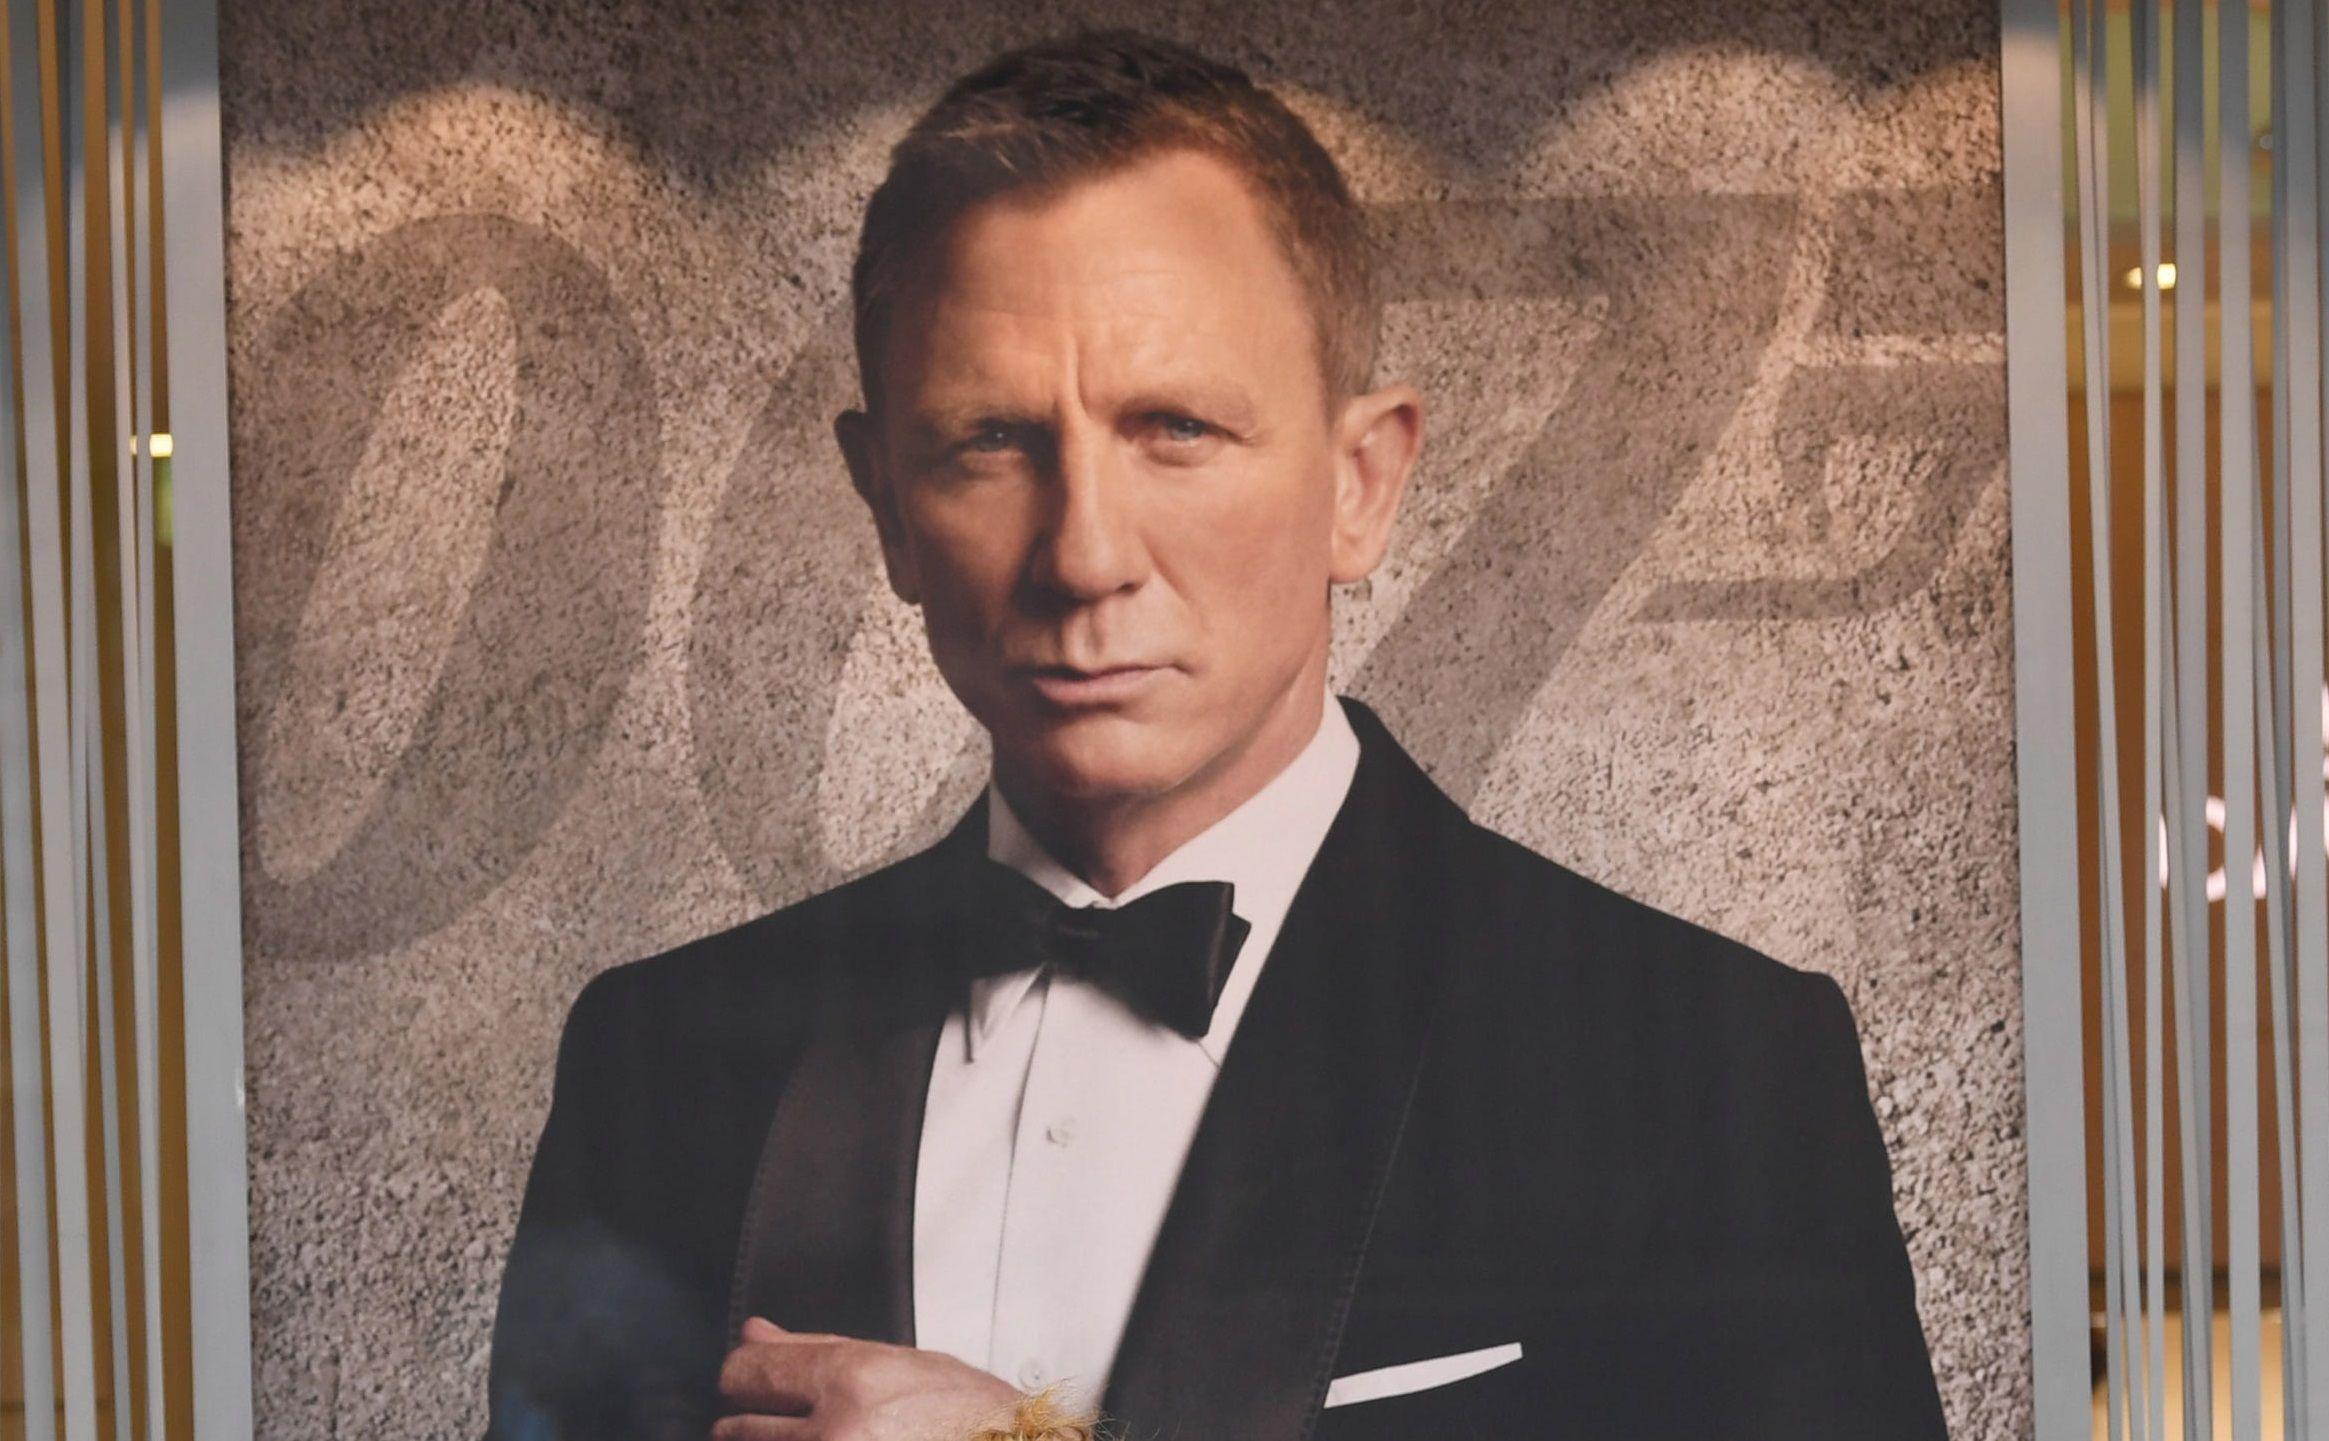 """La industria del cine vivió hoy un nuevo día negro que comenzó con el anuncio de que """"No Time to Die"""", la película con la que Daniel Craig dirá adiós como James Bond, se retrasará por tercera vez para fijar su estreno ahora el 8 de octubre de 2021. EFE/EPA/DANIEL DAL ZENNARO/Archivo"""